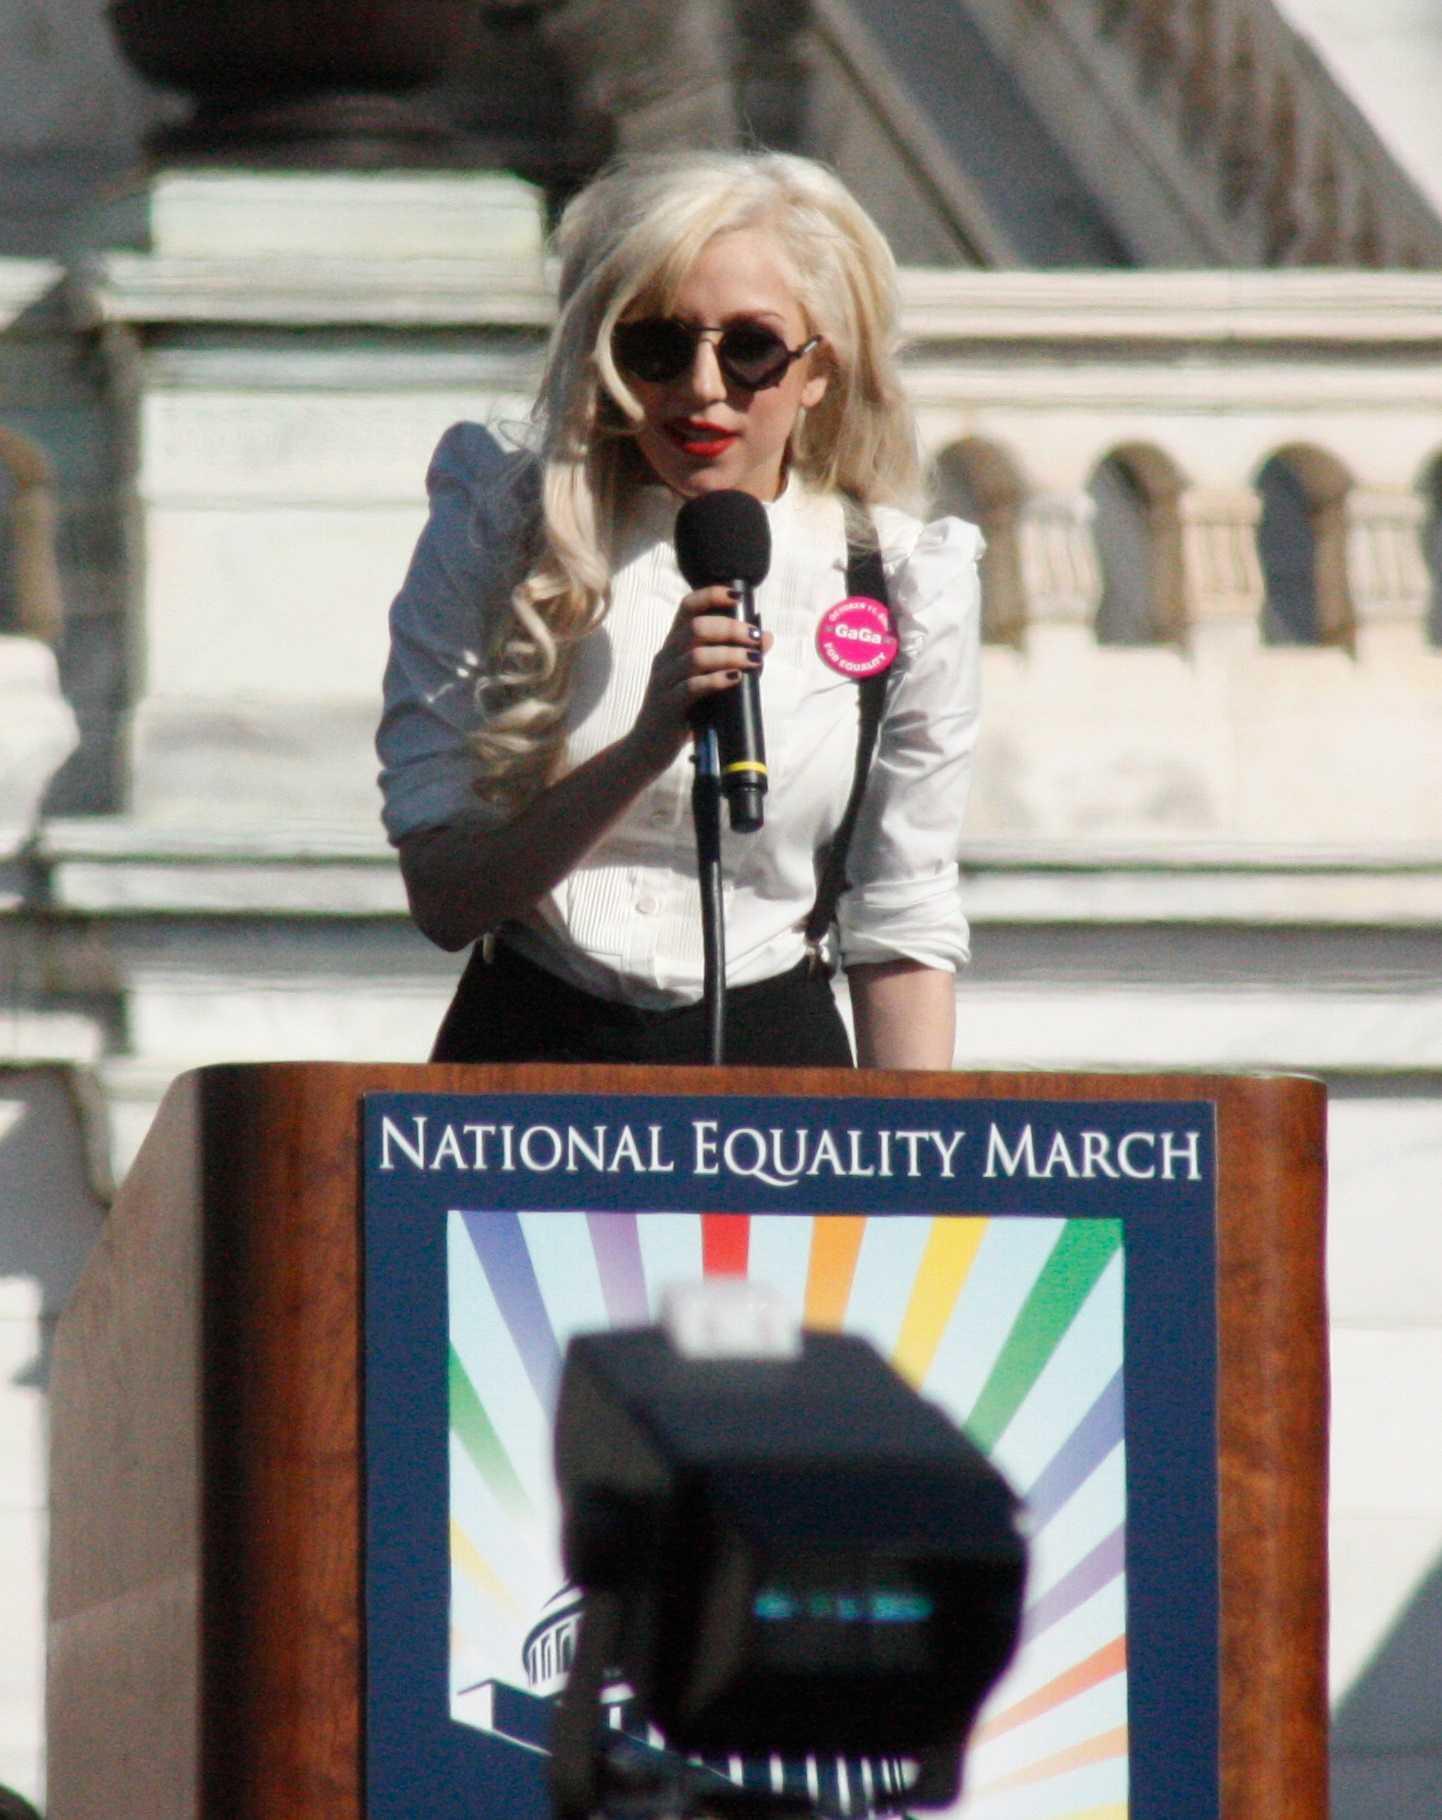 Lady Gaga Reportedly Has a New Boyfriend